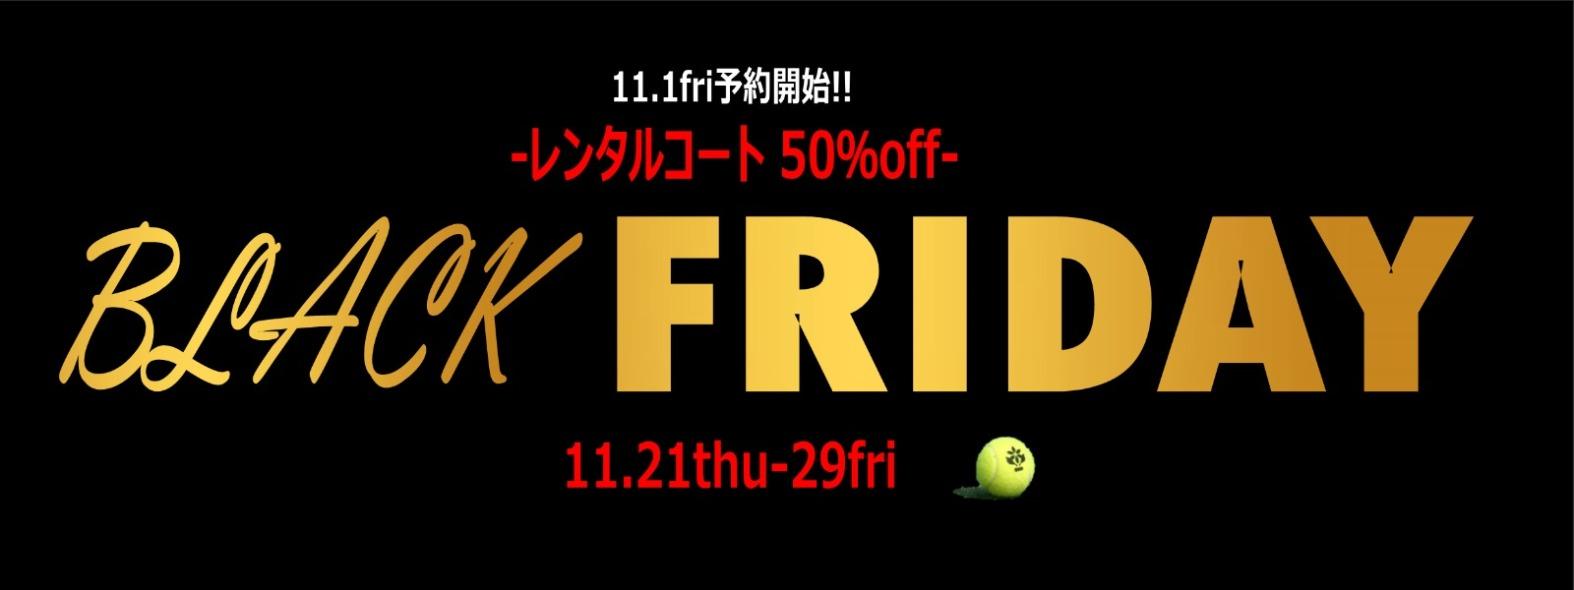 BLACK FRIDAY レンタルコート50%OFF 昭和の森テニスセンター(東京都昭島市)